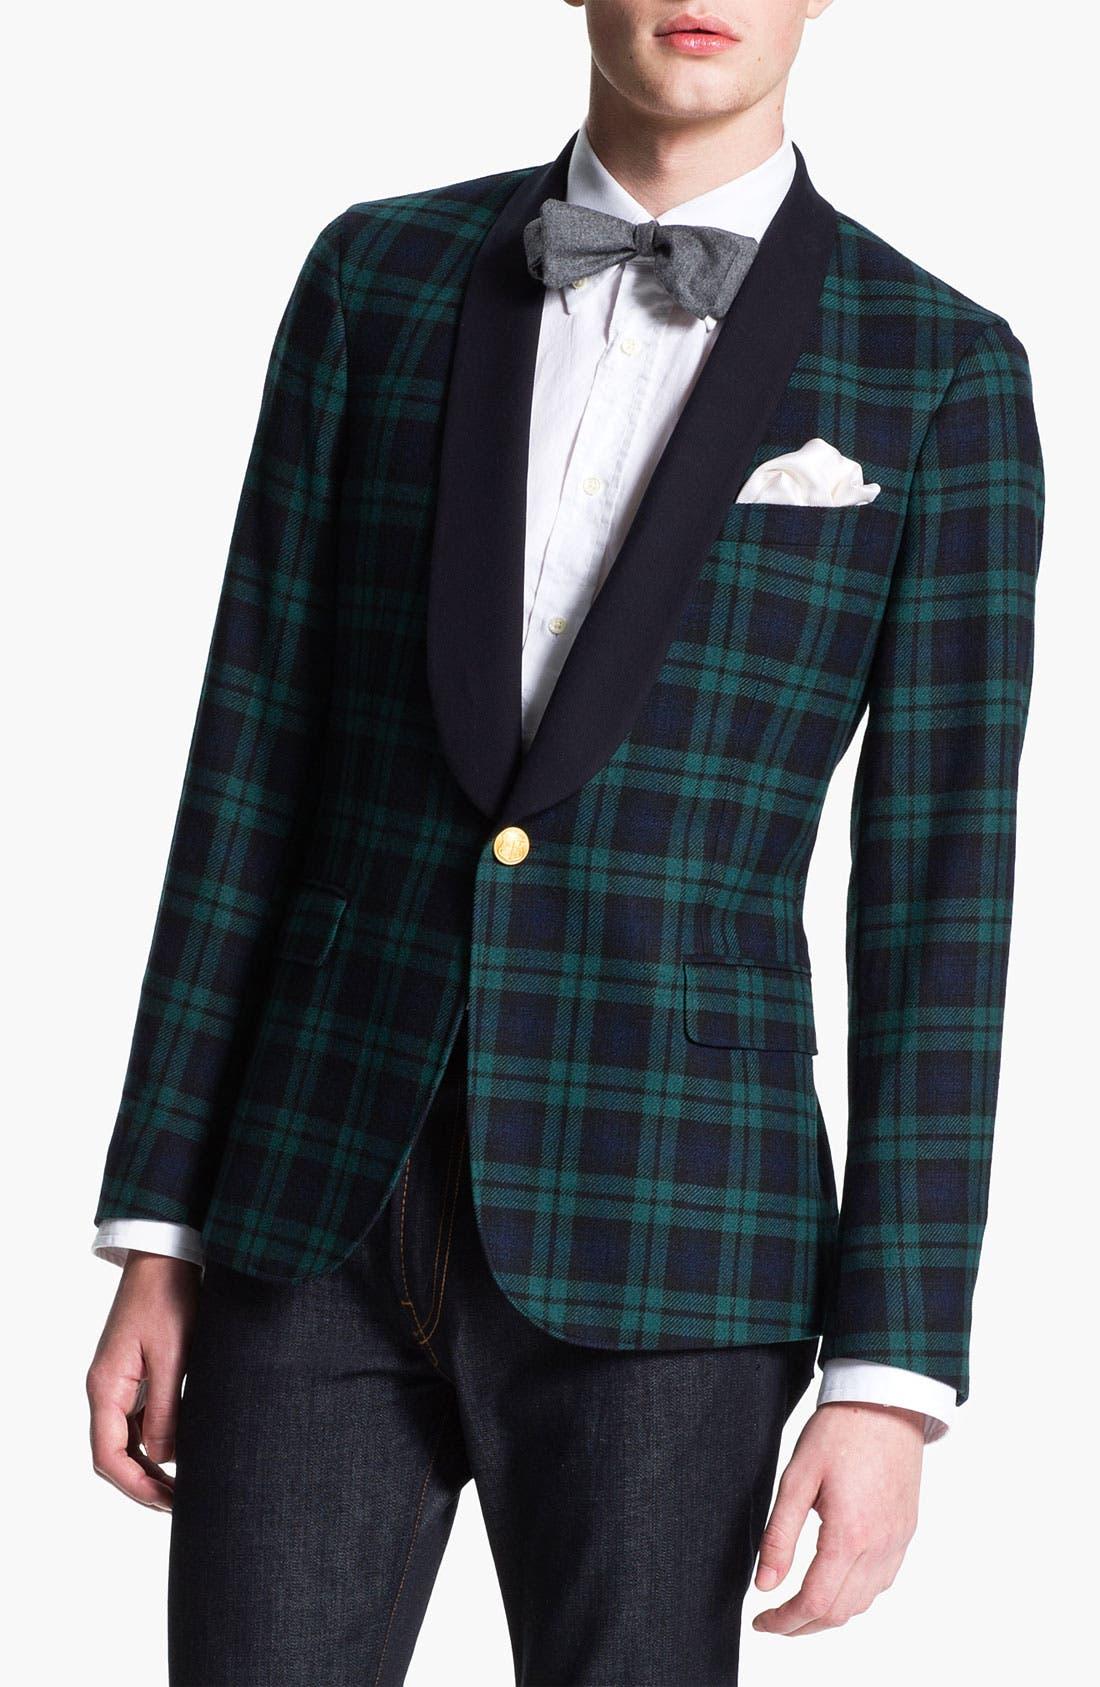 Main Image - Gant Rugger 'Black Watch Tux' One Button Blazer